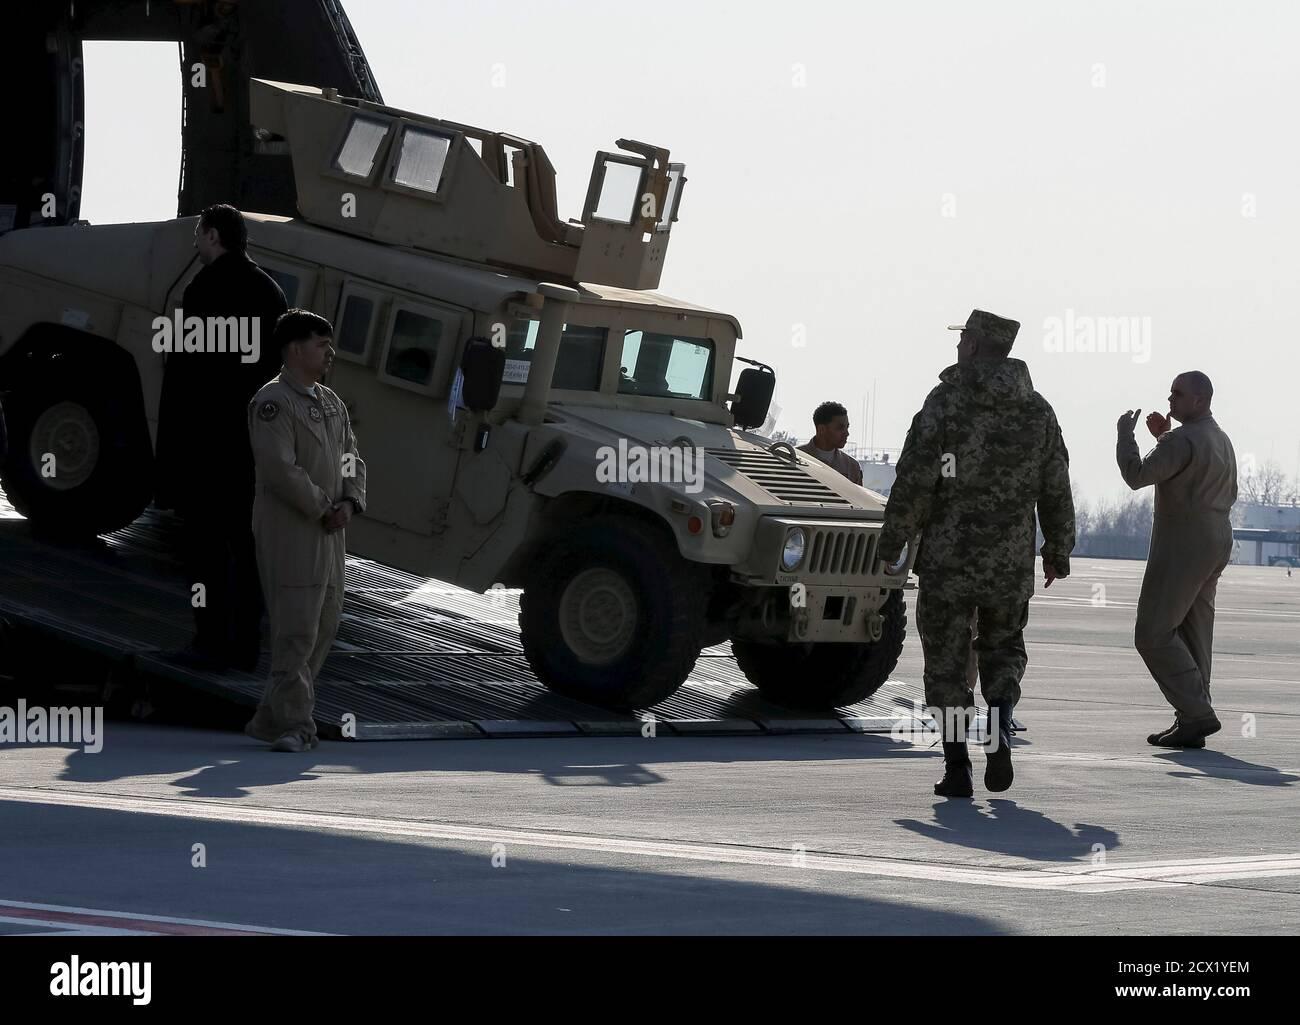 Un militaire ukrainien (2e R) considère comme le premier avion des États-Unis avec une aide non létale, dont dix véhicules Humvee, est déchargé à l'aéroport de Borispol près de Kiev, le 25 mars 2015. Les États-Unis ont envoyé une aide non létale supplémentaire à l'Ukraine, y compris des drones non armés et des véhicules Humvee, a déclaré un responsable de la défense des États-Unis le 11 mars. Le responsable, s'exprimant à condition d'anonymat, a déclaré que certaines parties du paquet américain, y compris 30 Humvees fortifiés avec une armure supplémentaire, pourraient venir en quelques semaines, tandis que d'autres parties pourraient prendre plus de temps. L'aide intervient alors que l'Ukraine lutte contre une rébellion soutenue par la Russie Banque D'Images